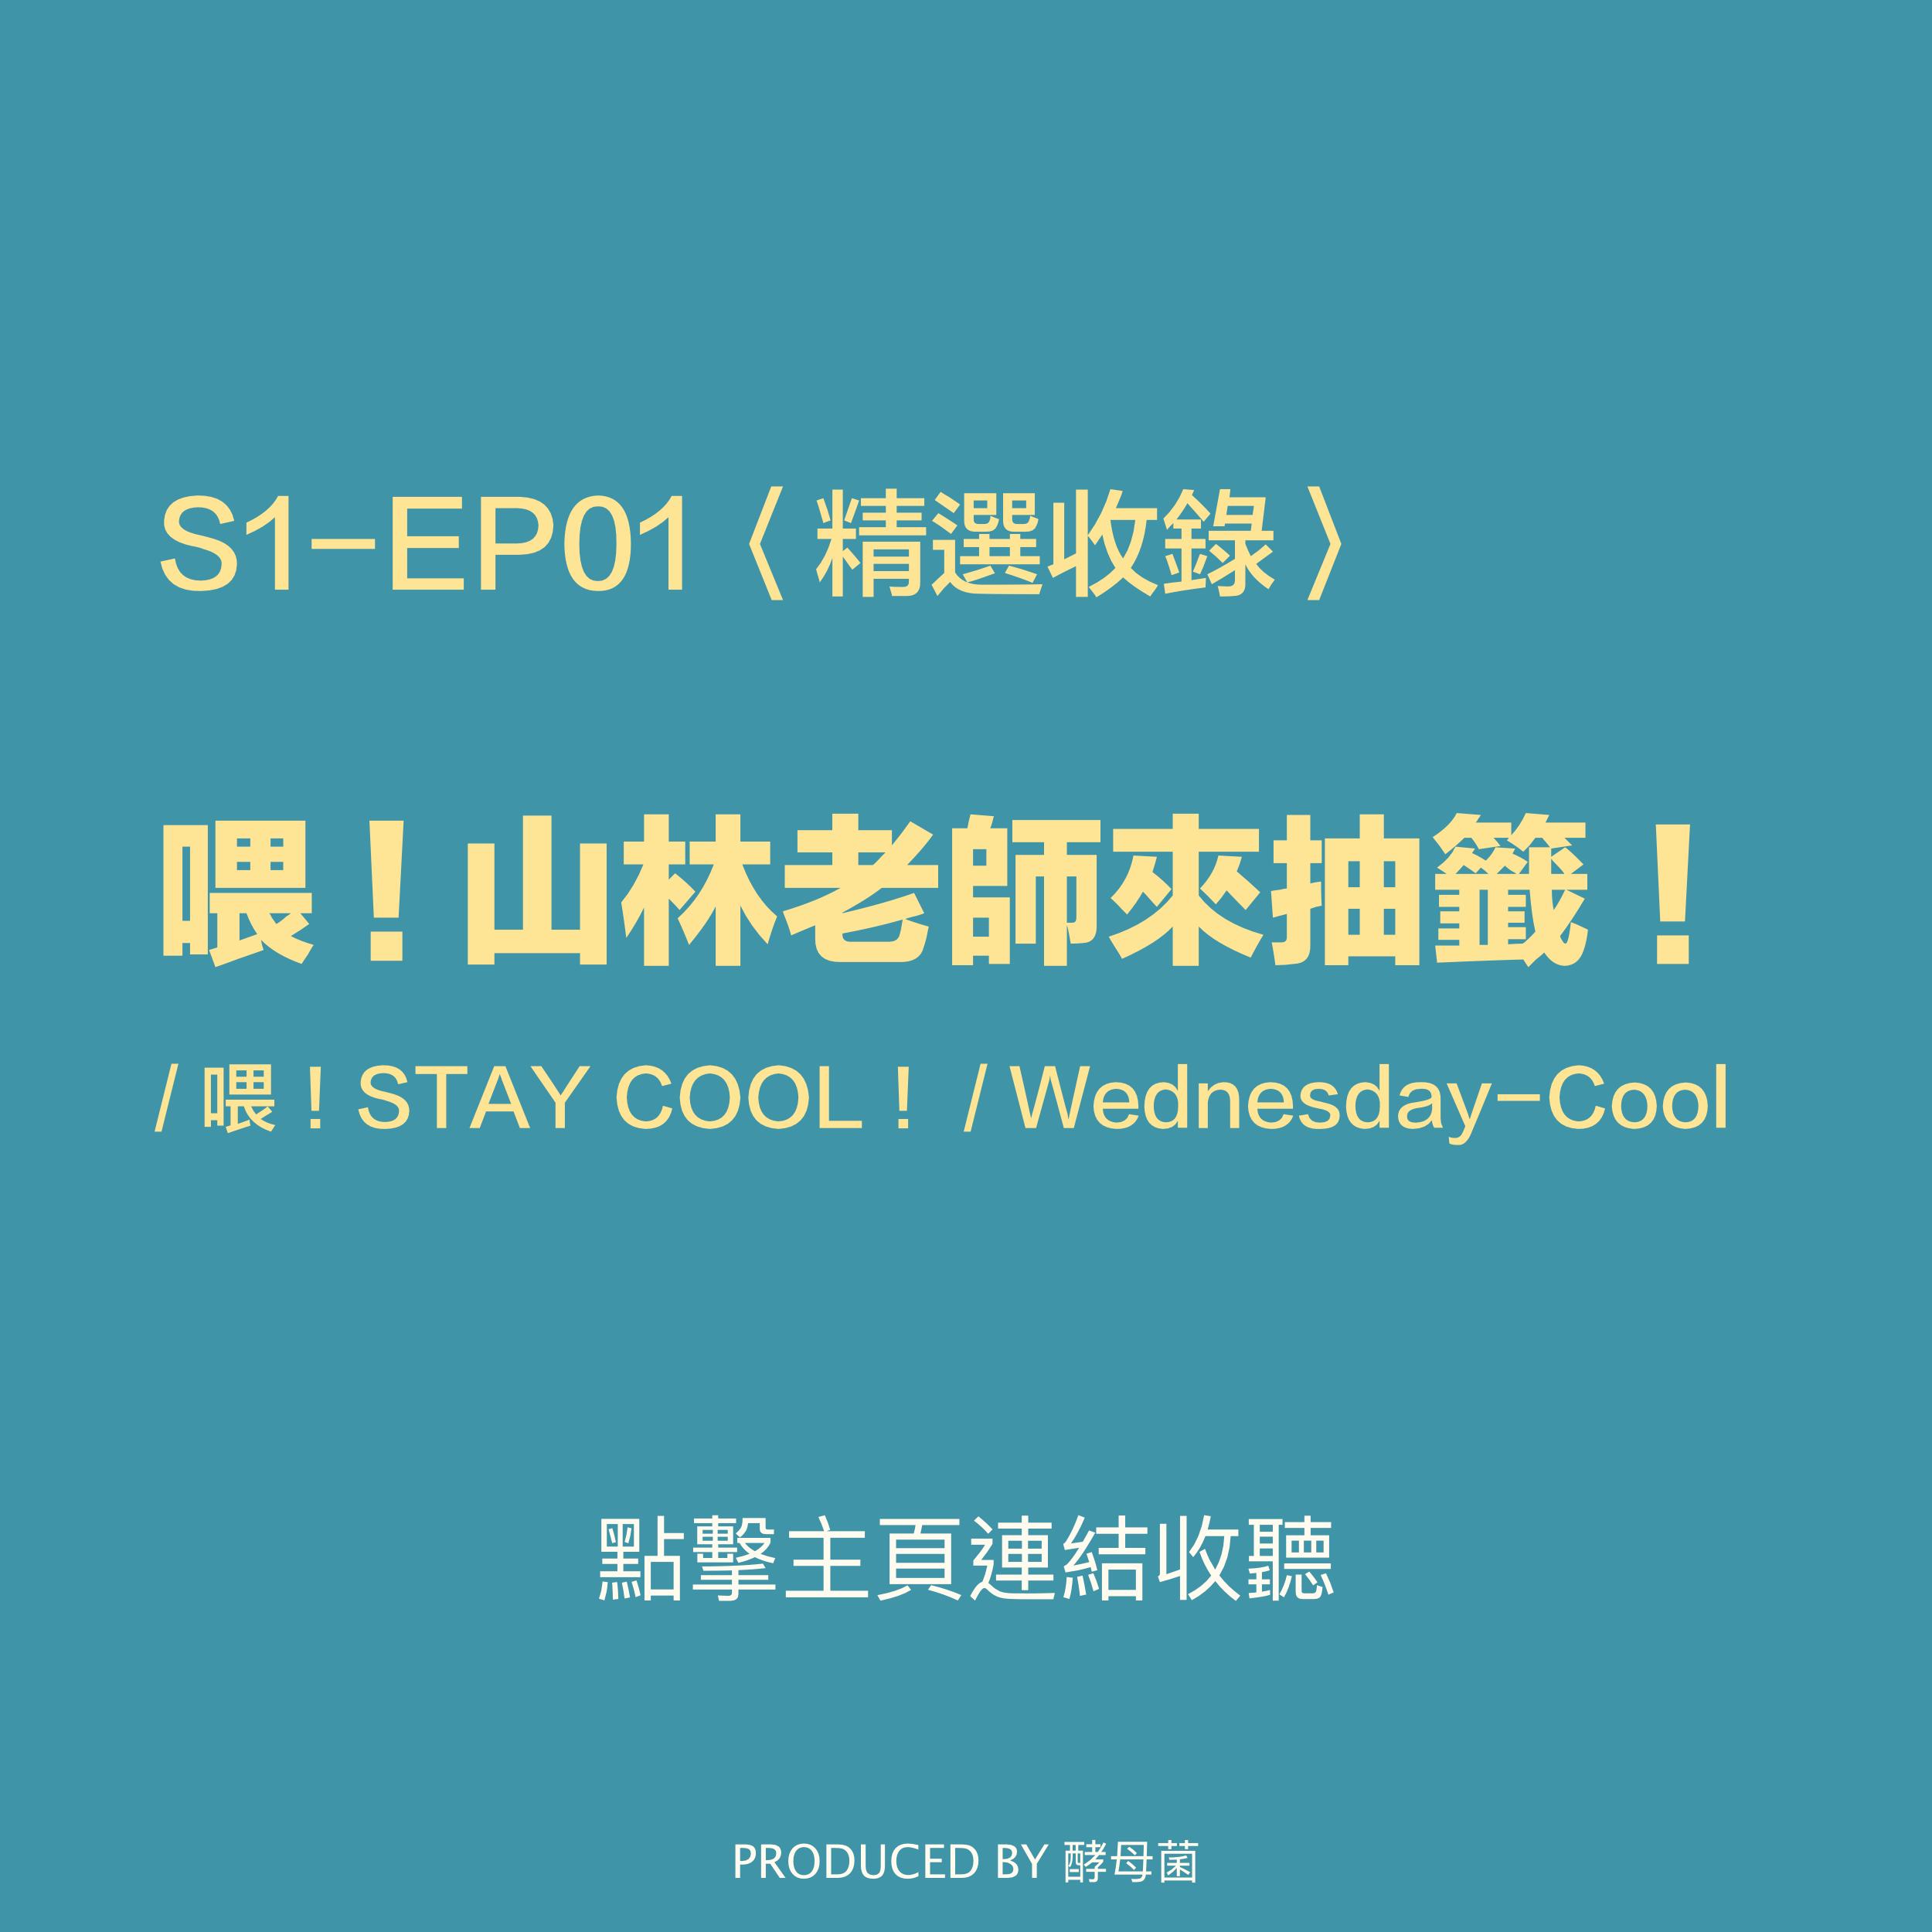 S1-EP01〈 精選收錄 〉 喂!山林老師來抽籤!